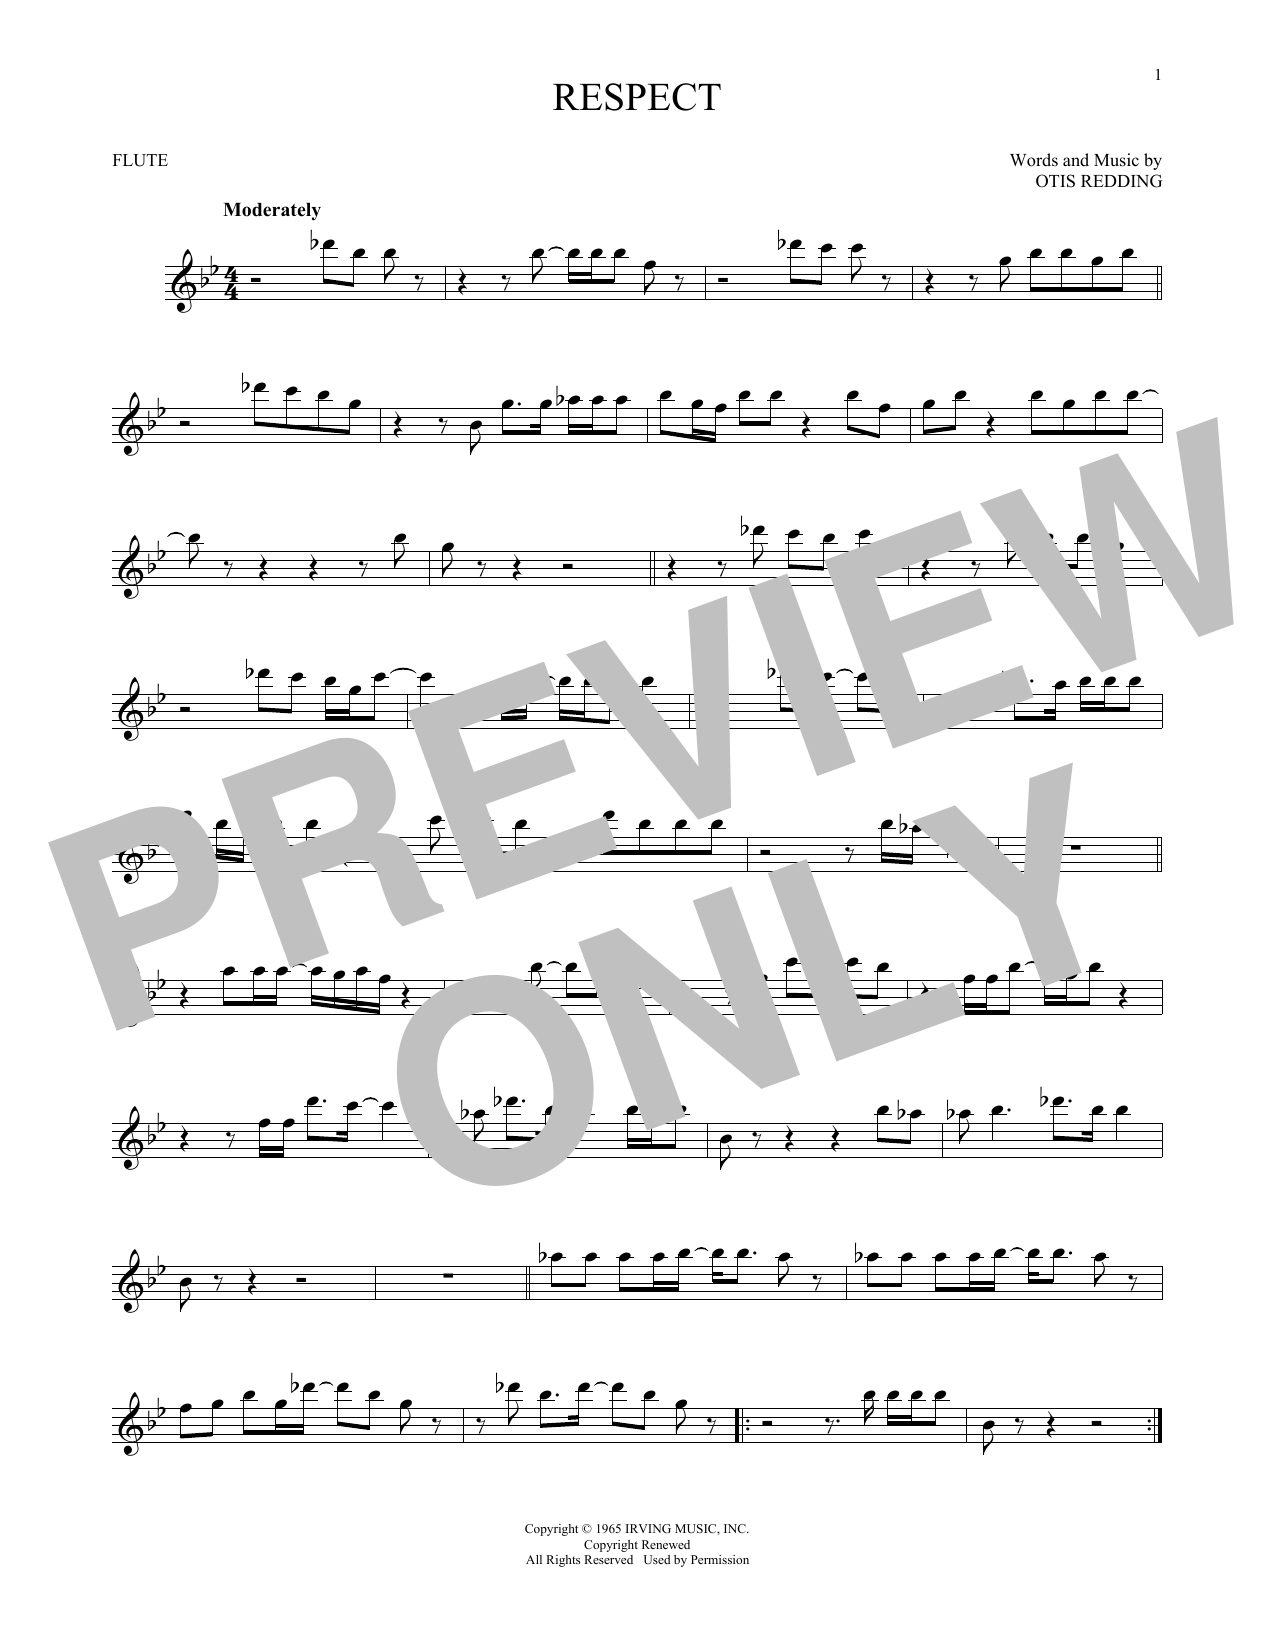 Respect (Flute Solo)